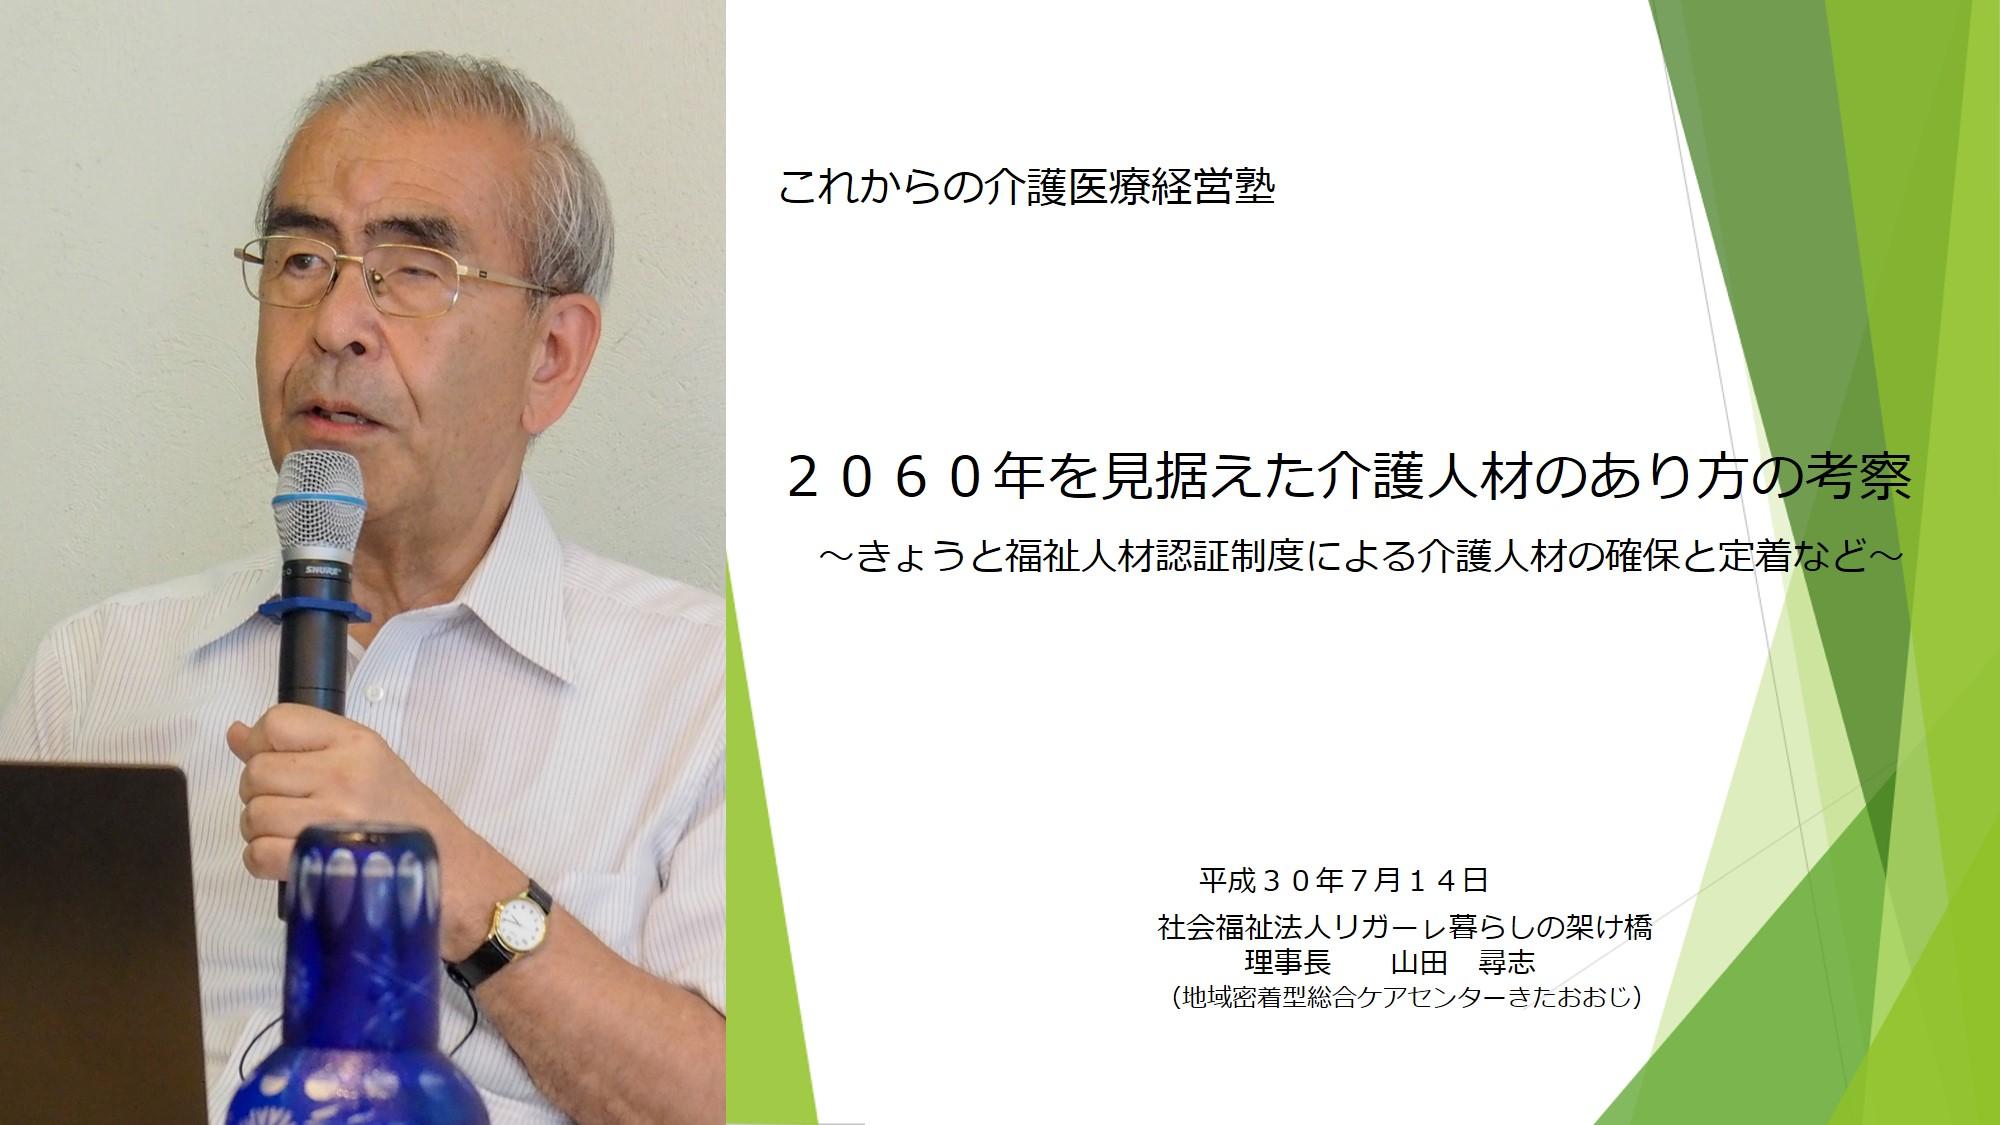 元和光市幹部5回目逮捕 480万円窃盗の疑い ...